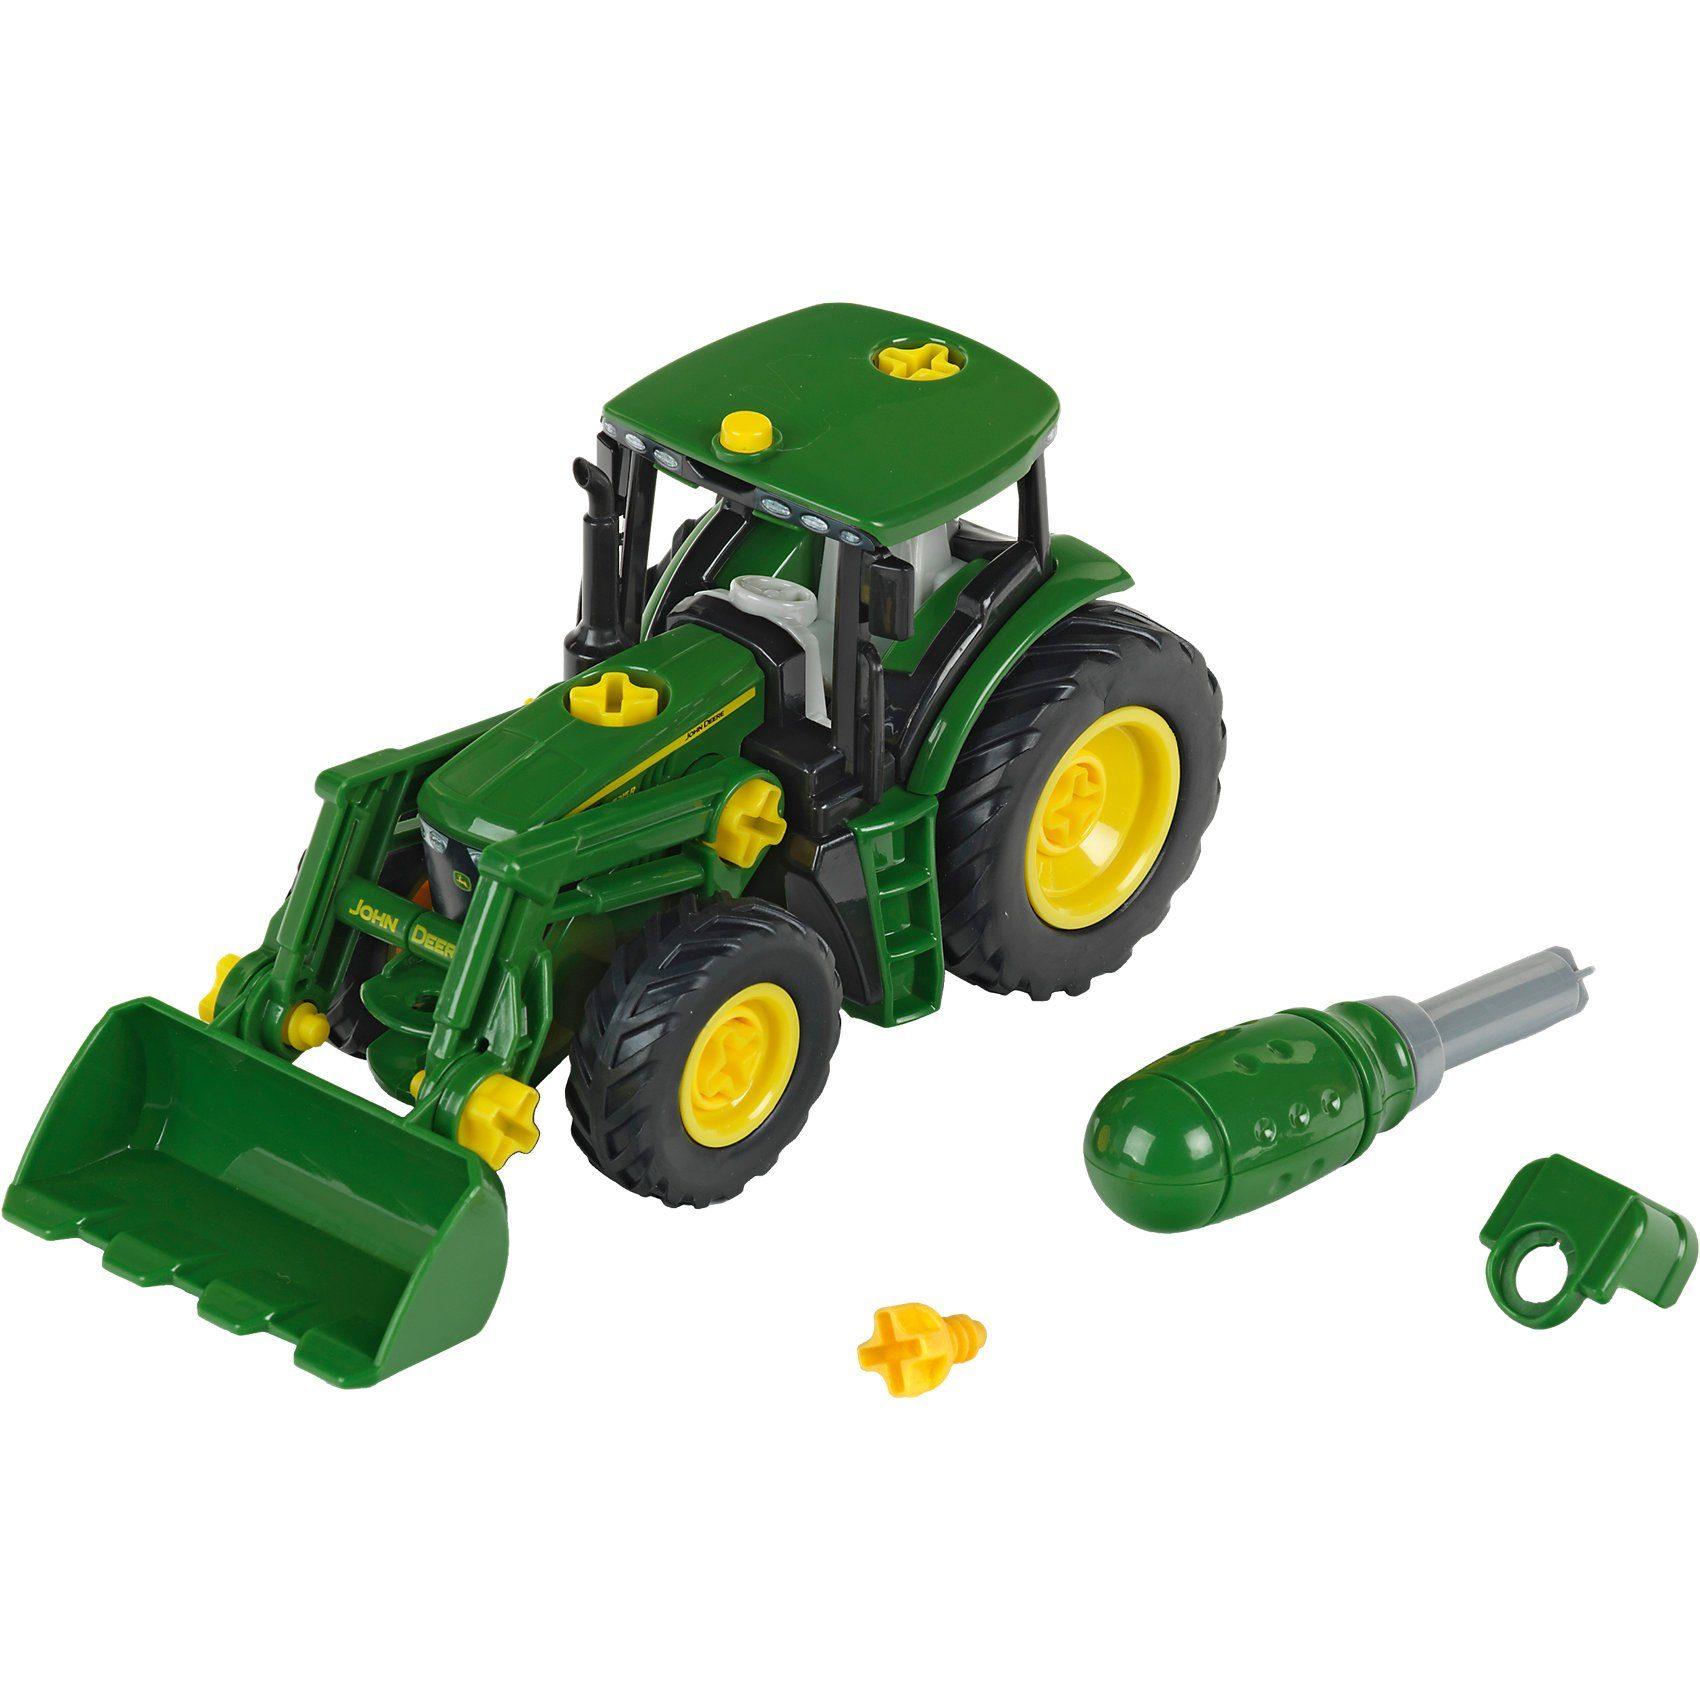 Klein John Deere Traktor mit Frontlader und Gewicht